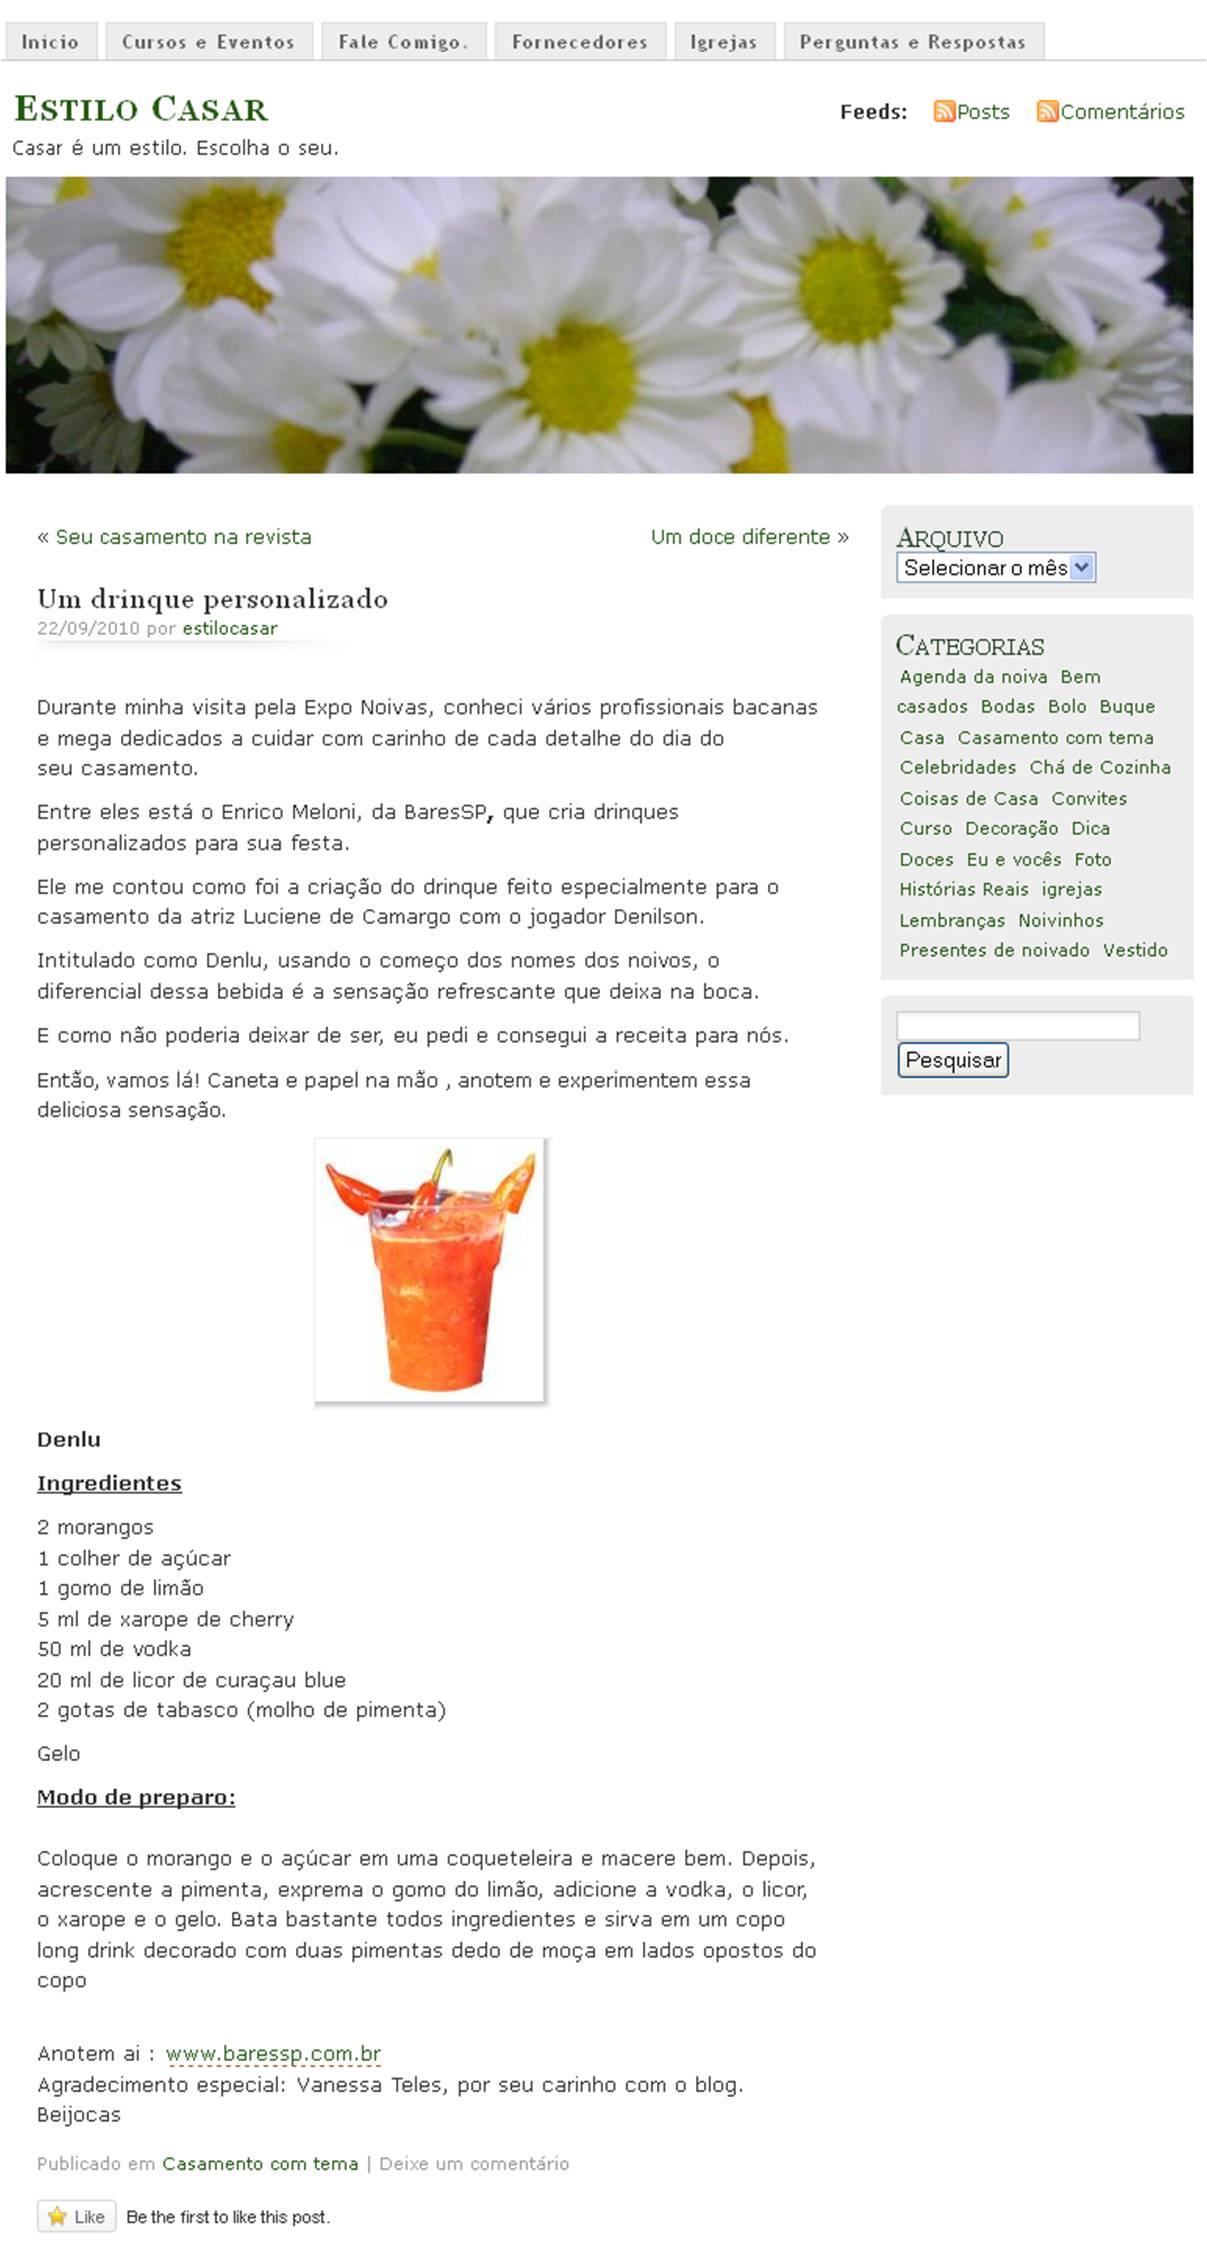 Um drinque personalizado BaresSP image